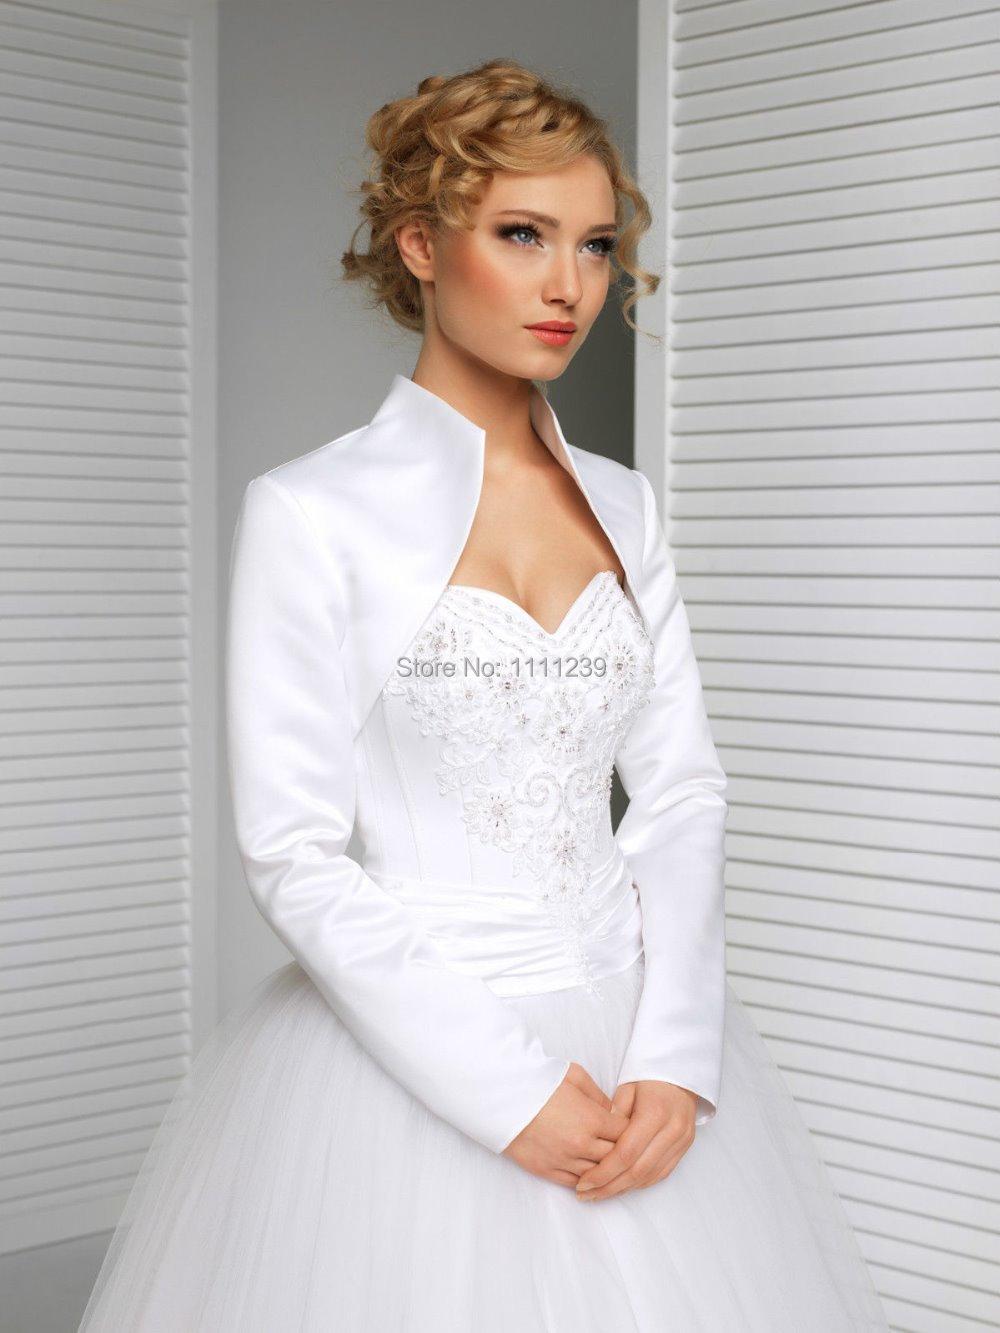 Wedding Dress Jackets And Shrugs 31